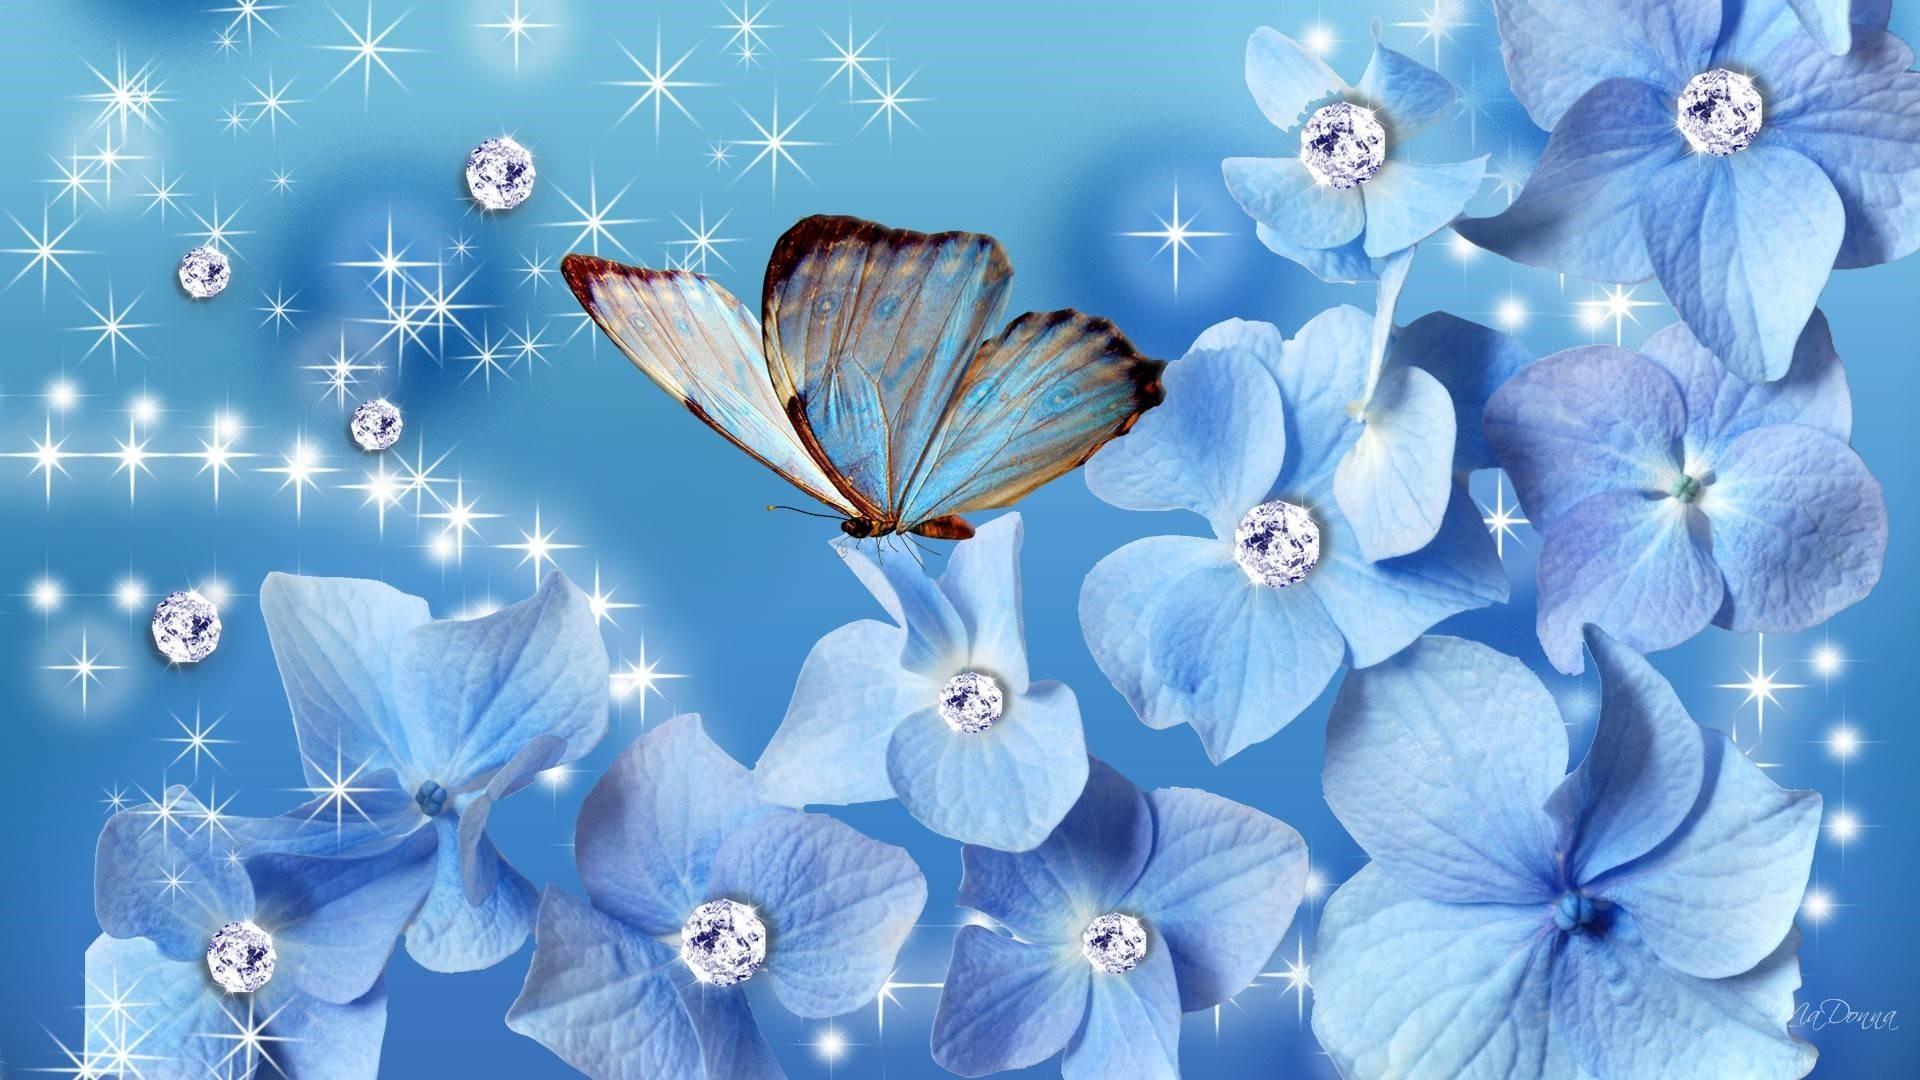 Blue Butterfly full hd 1080p wallpaper